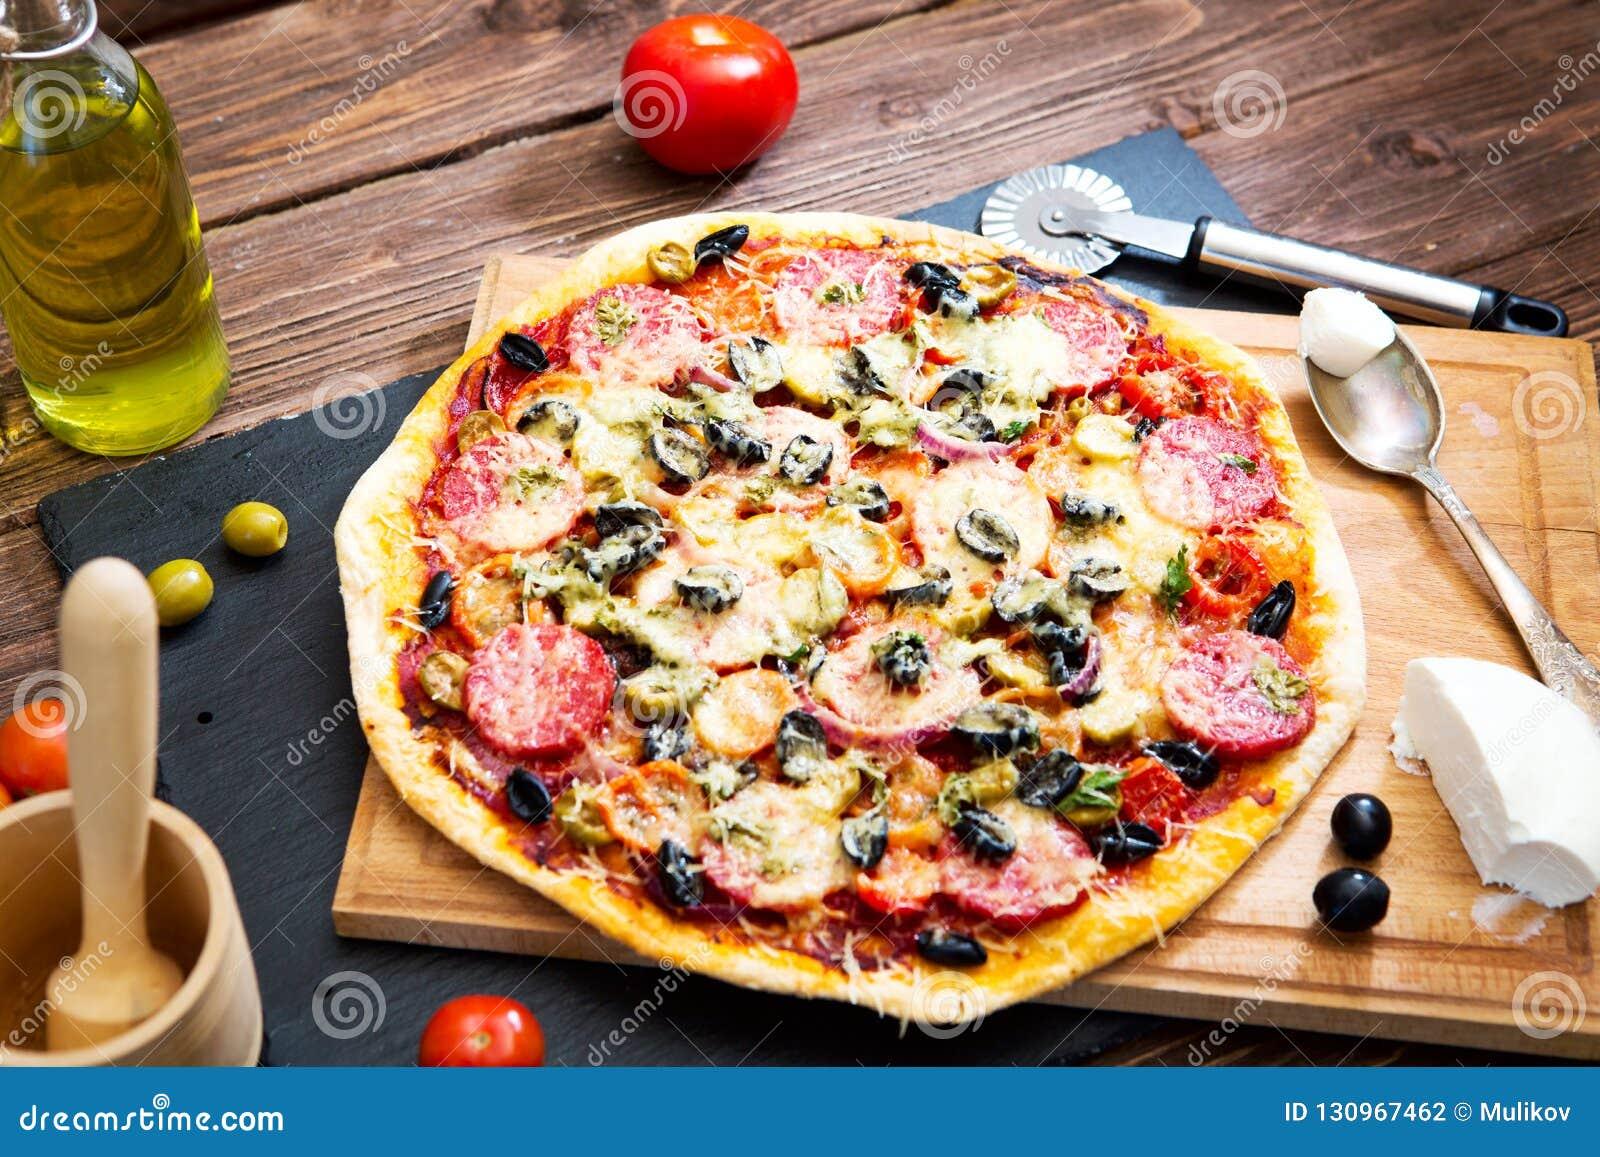 Tavola Da Mangiare.Pizza Italiana Merguez Casalinghe Calde Sulla Pizza Di Legno